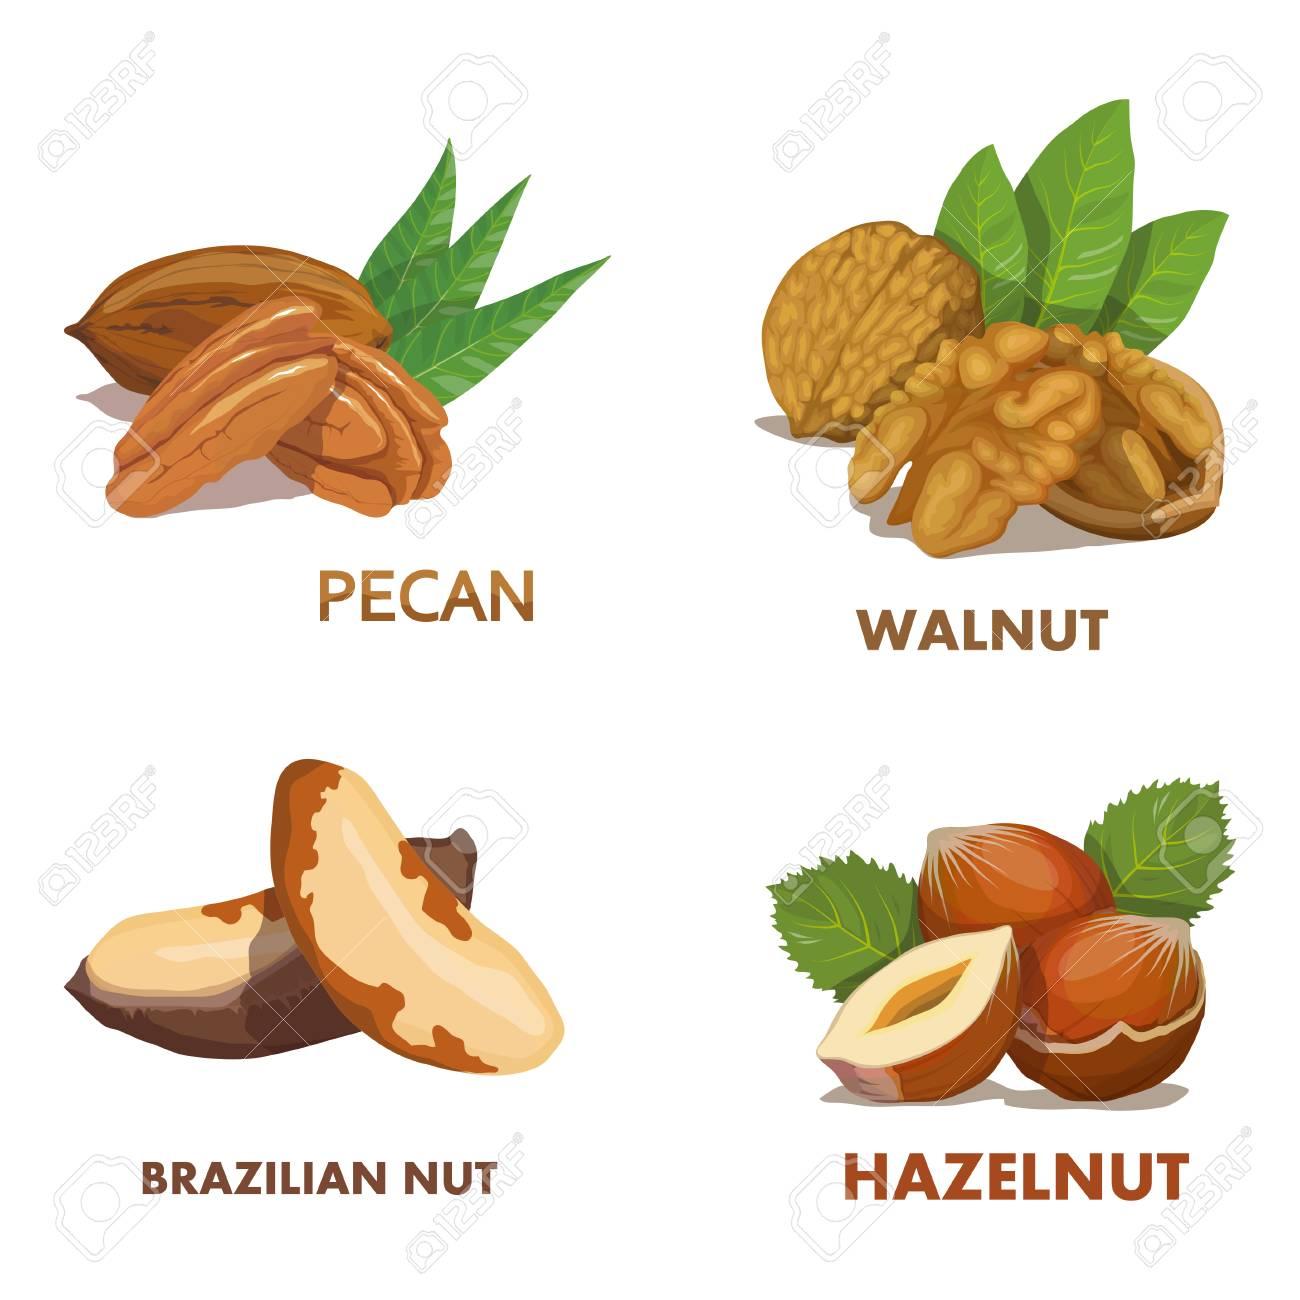 Hazelnut  Brazilian nut  Pecan nut  Walnut  Nut food  Isolated